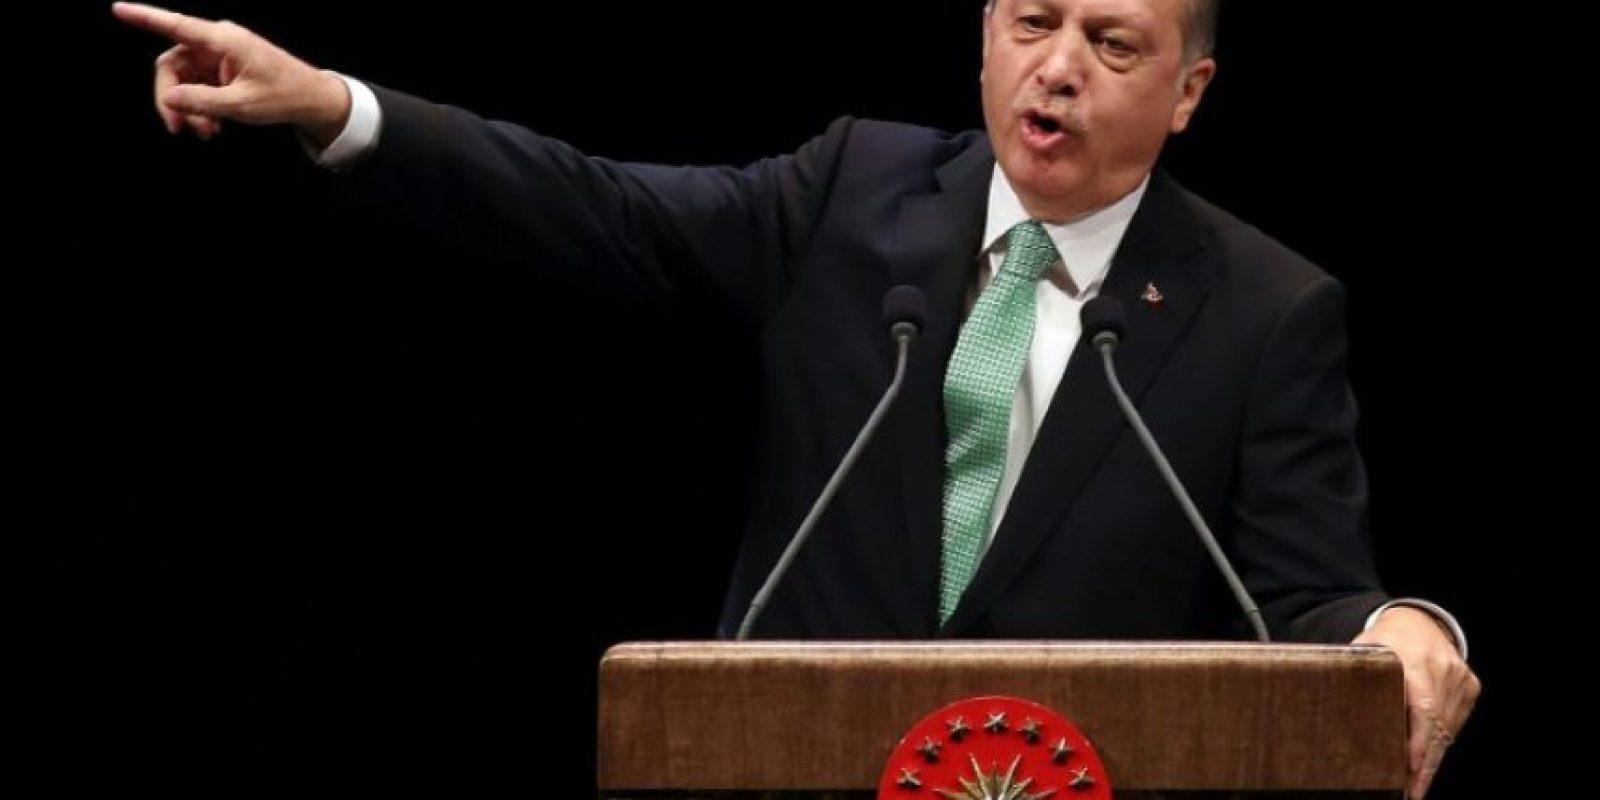 Recep Tayyip Erdogan da un discurso durante una entrega de premios el pasado 3 de noviembre en Ankara Foto:Adem Altan/afp.com